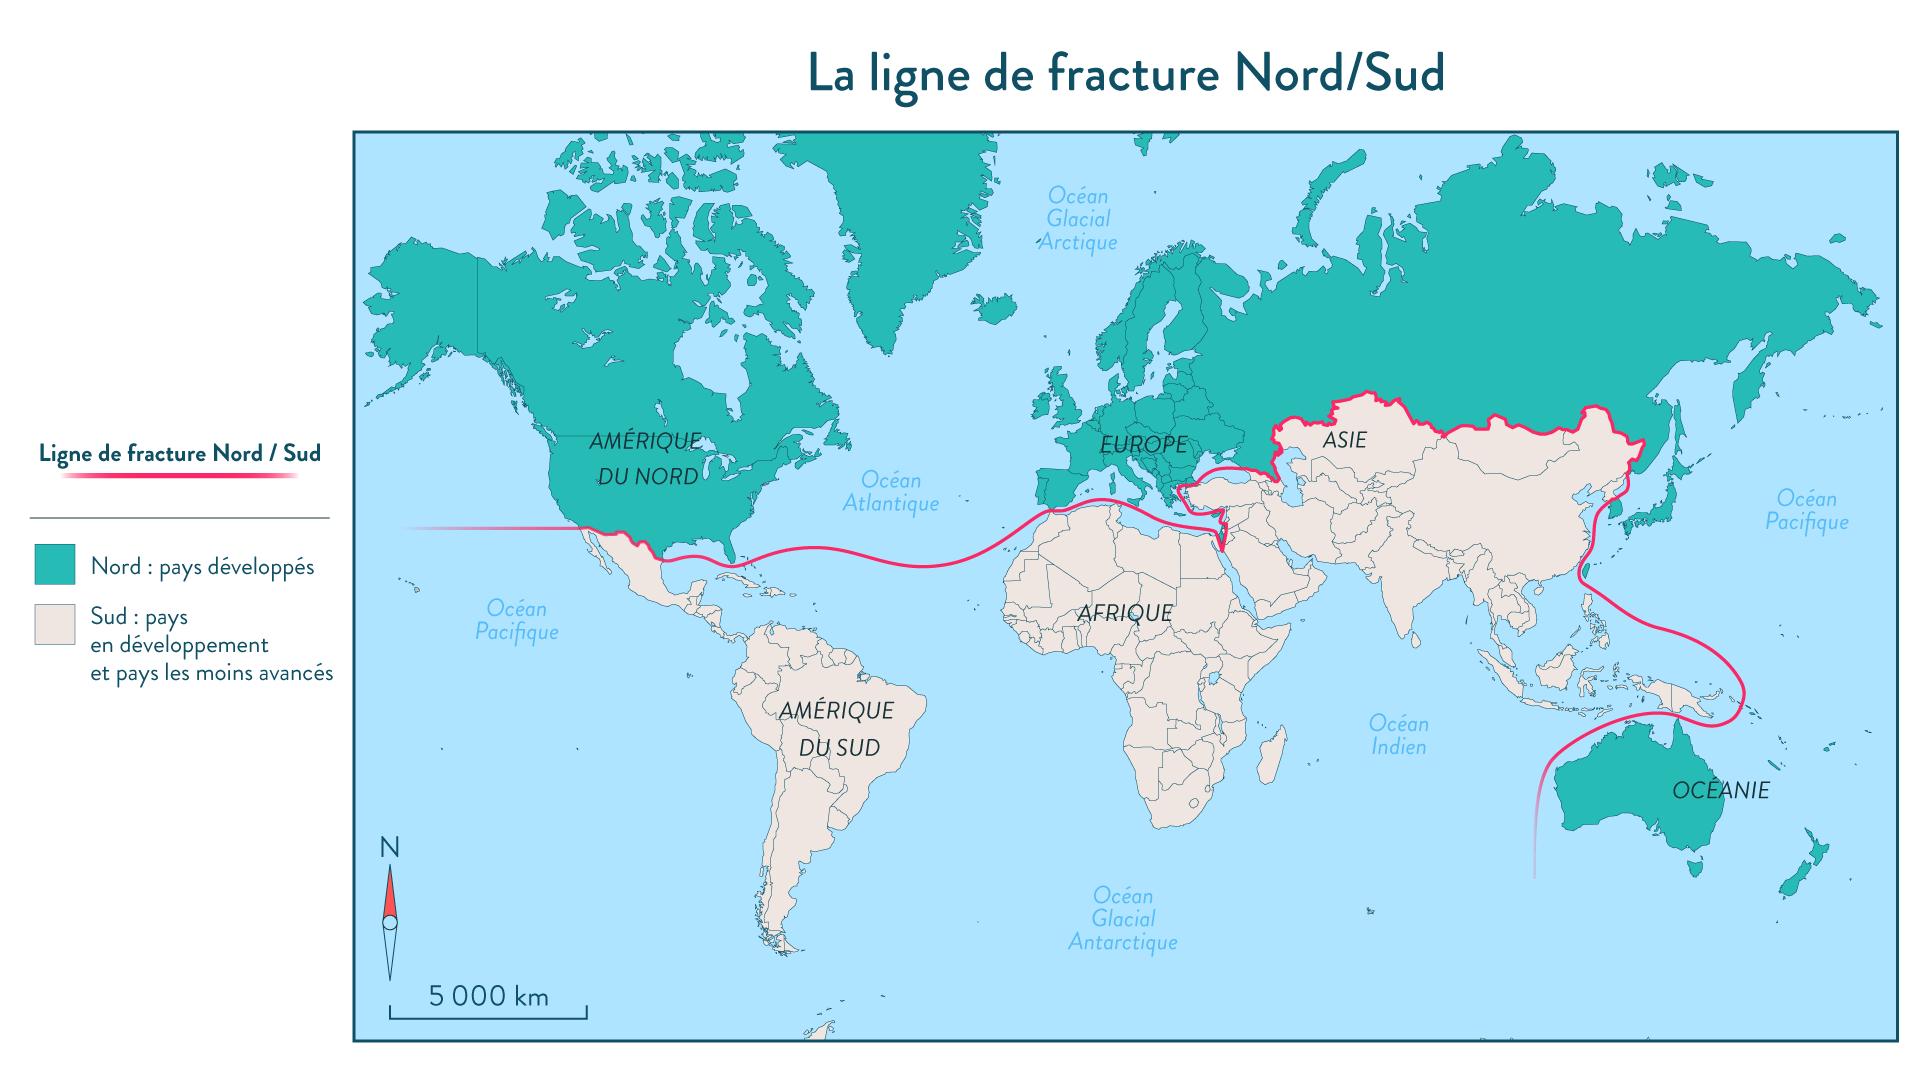 La ligne de fracture Nord/Sud géographie cinquième